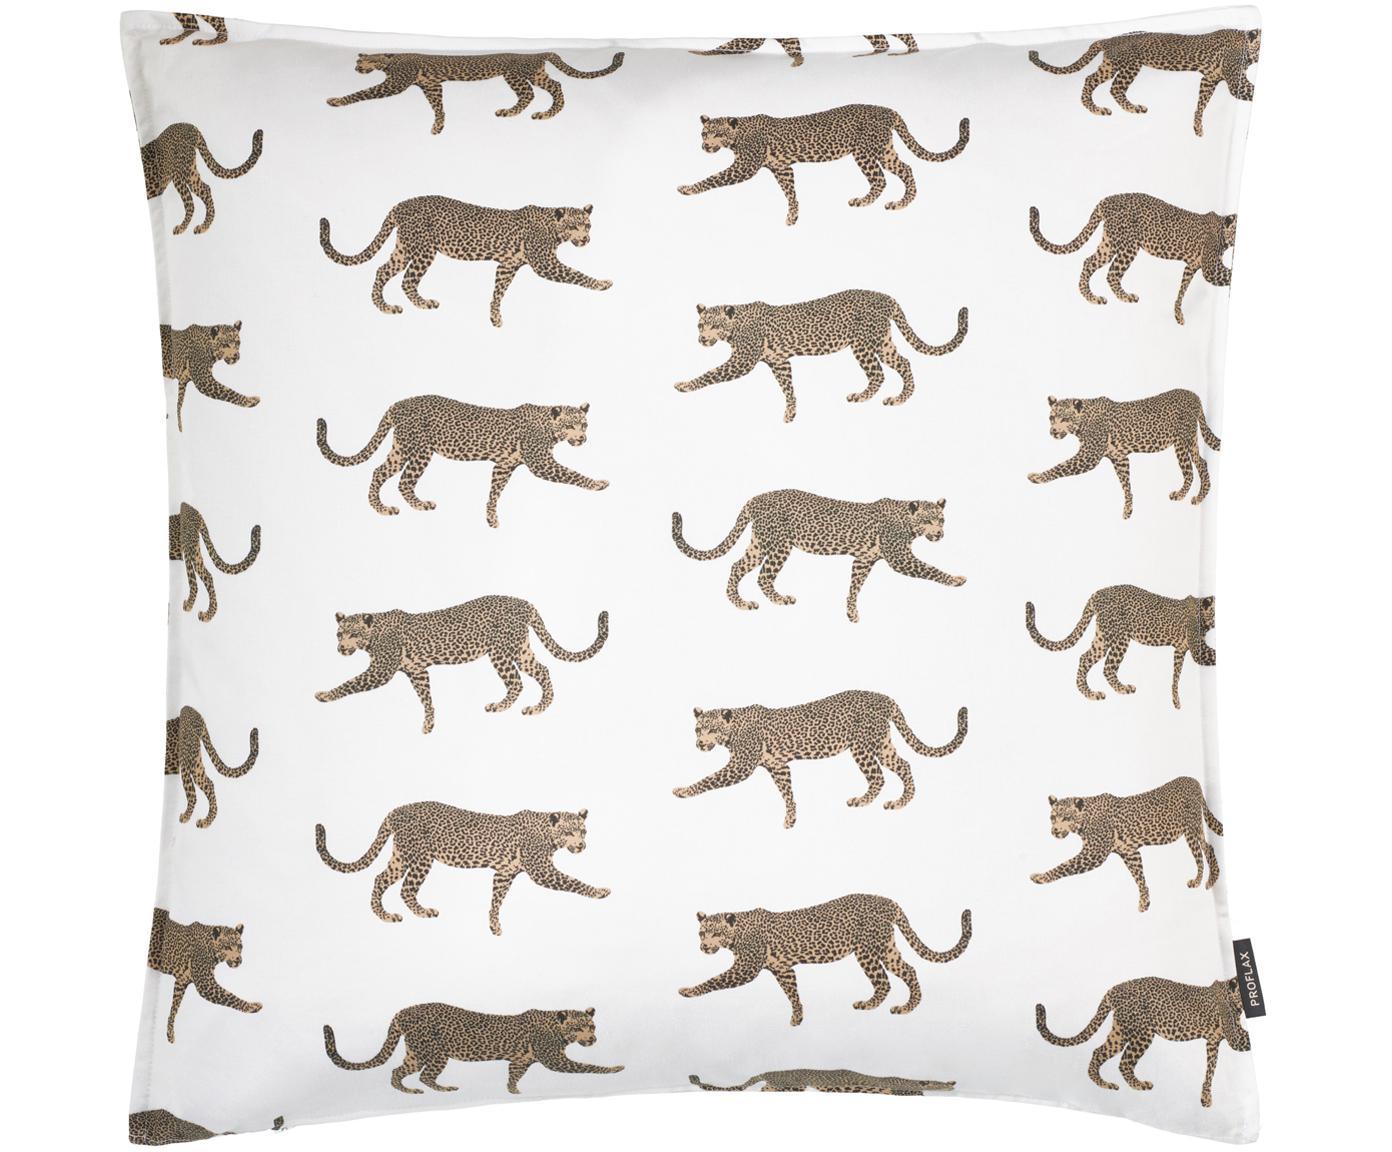 Kussenhoes Tambo met luipaarden motief, Katoen, Gebroken wit, beige, zwart, 50 x 50 cm